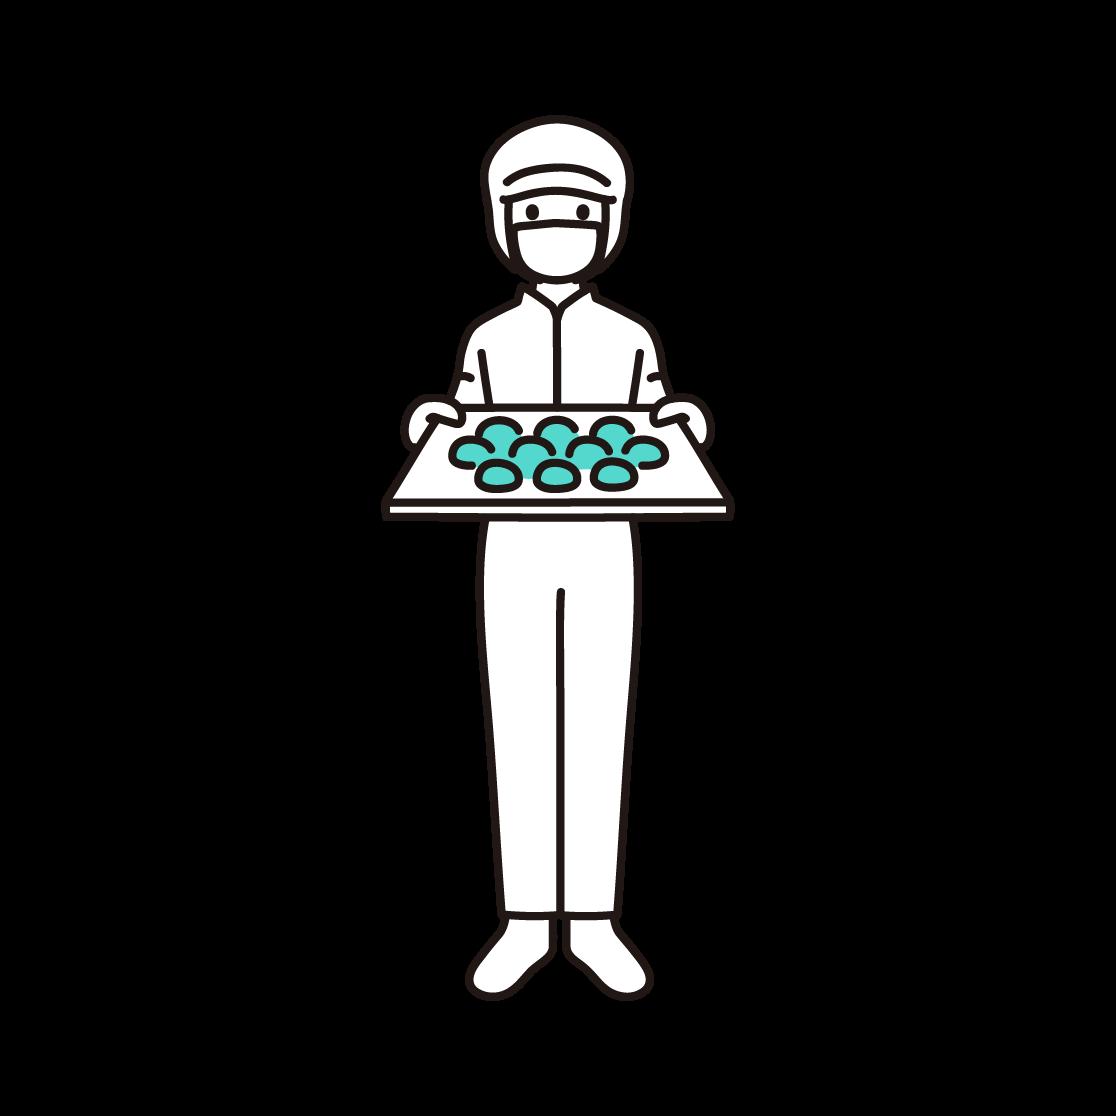 パン工場の女性スタッフの単色イラスト